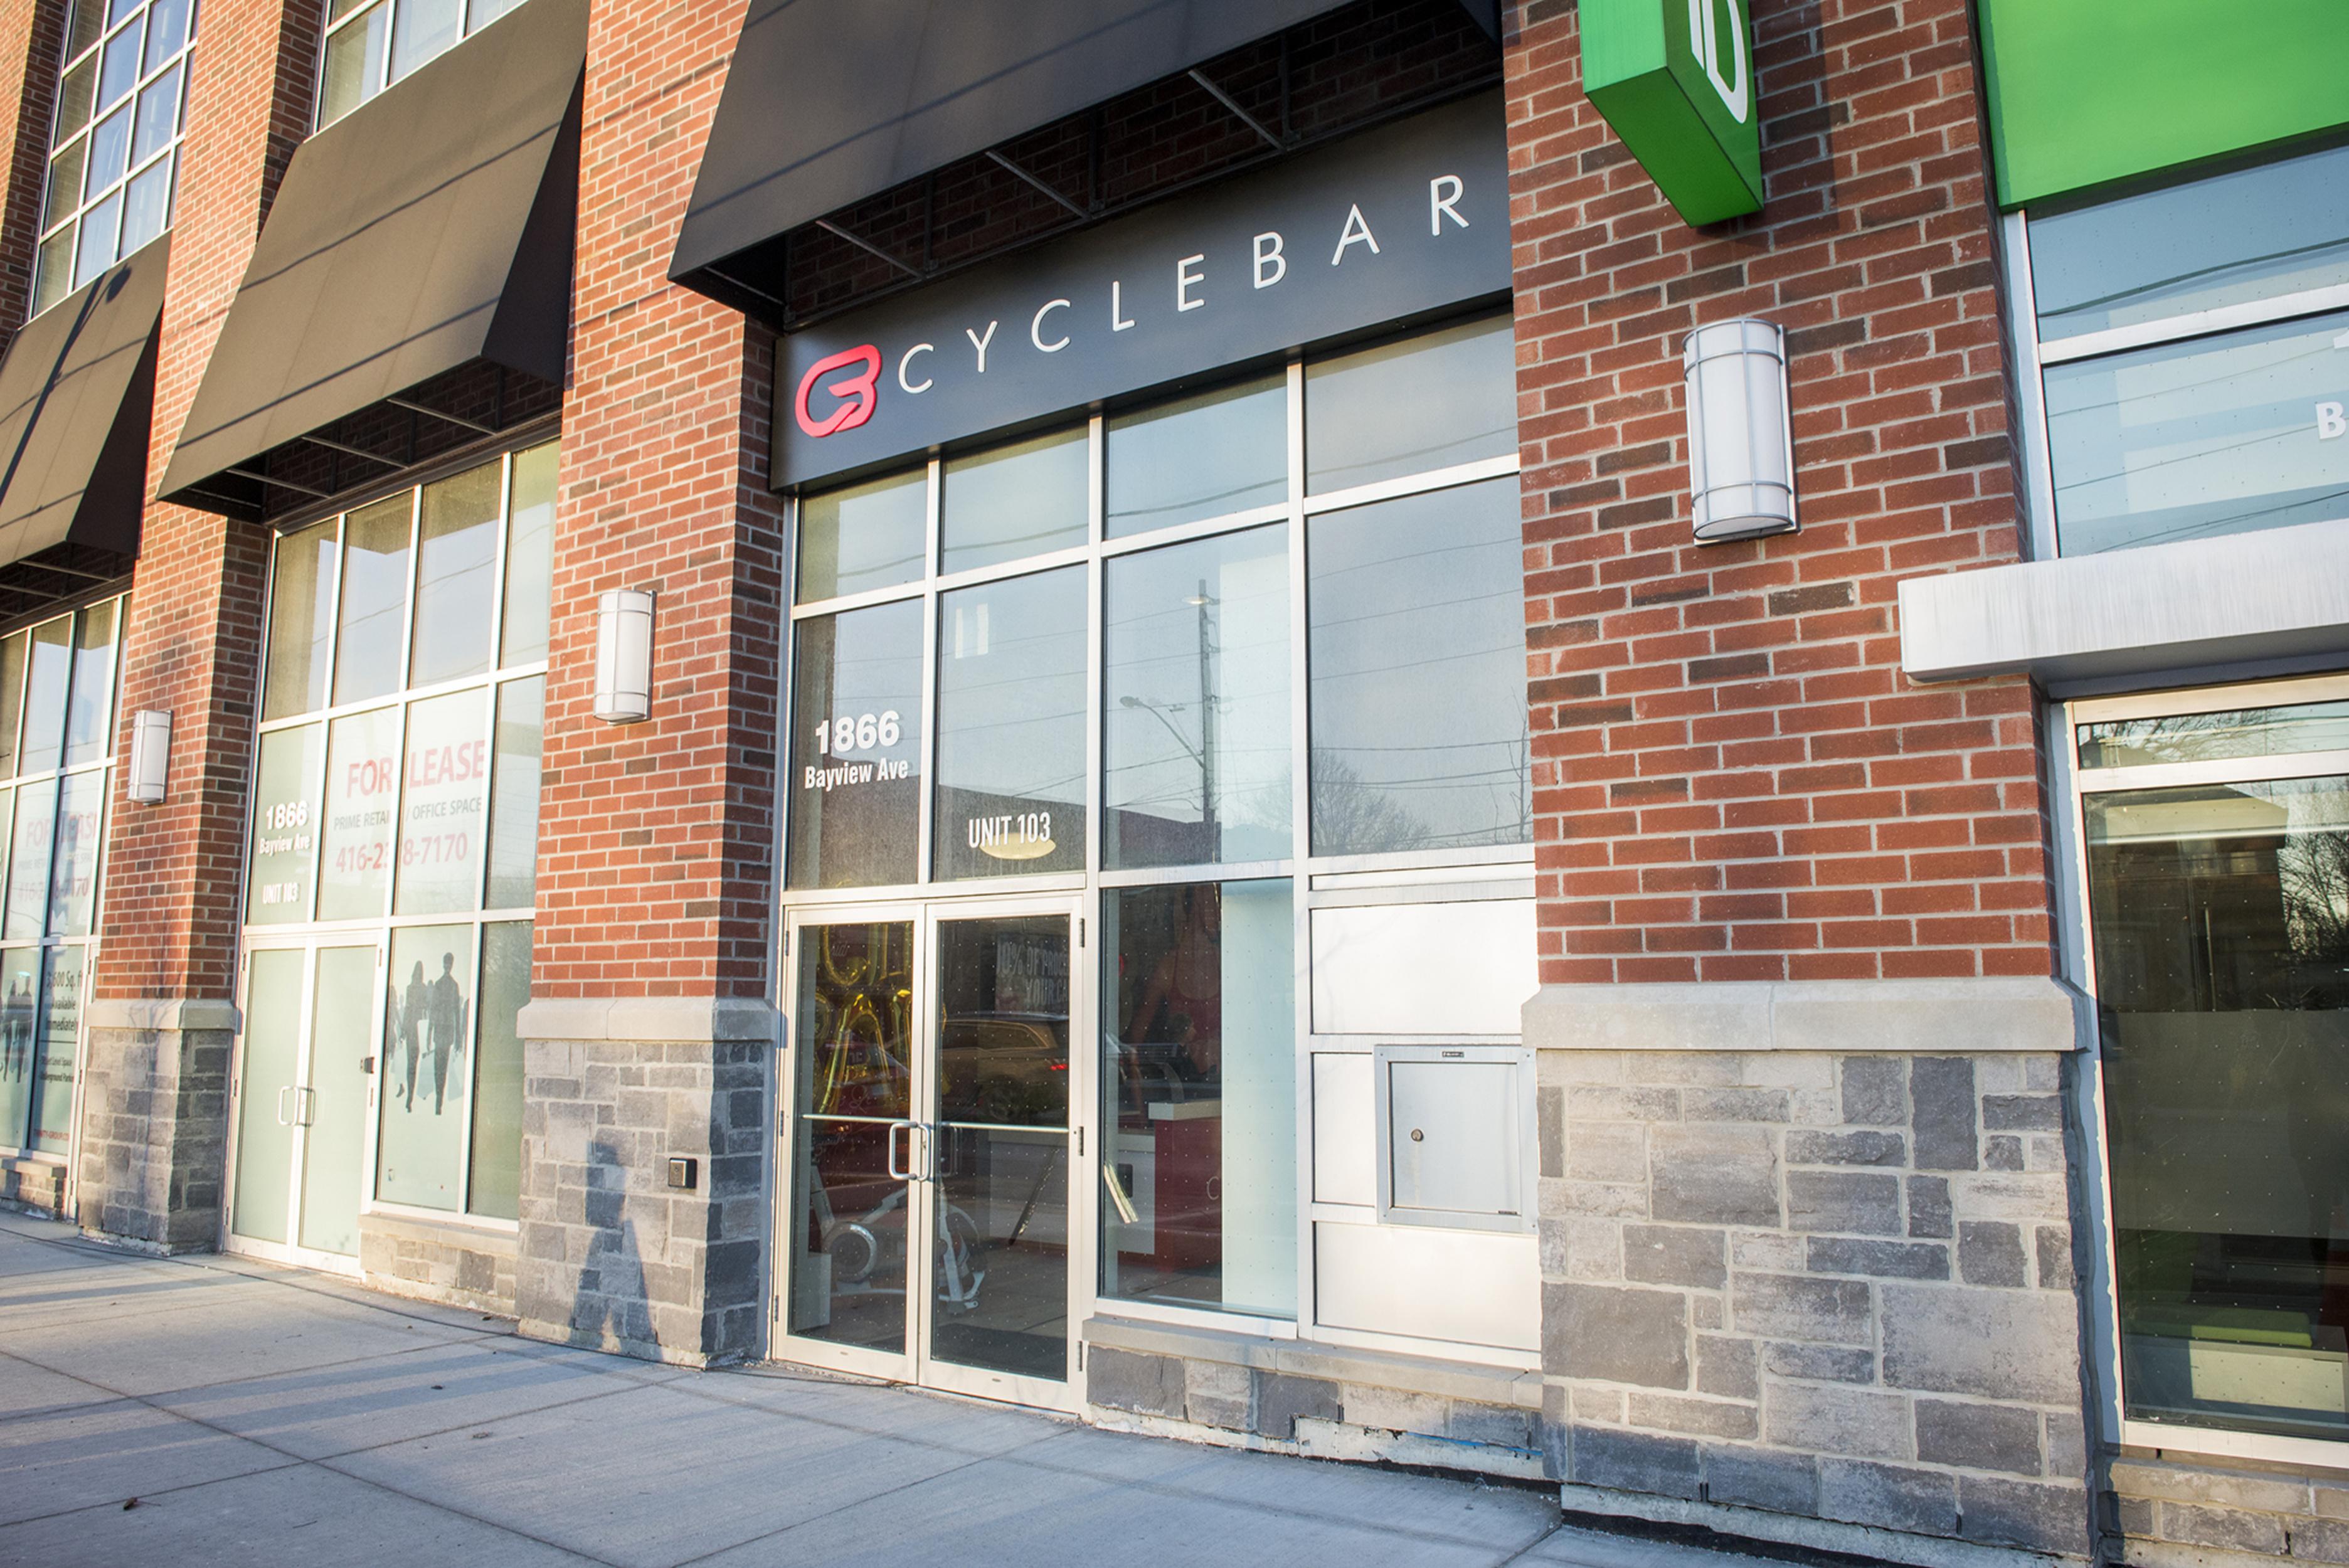 cyclebar leaside